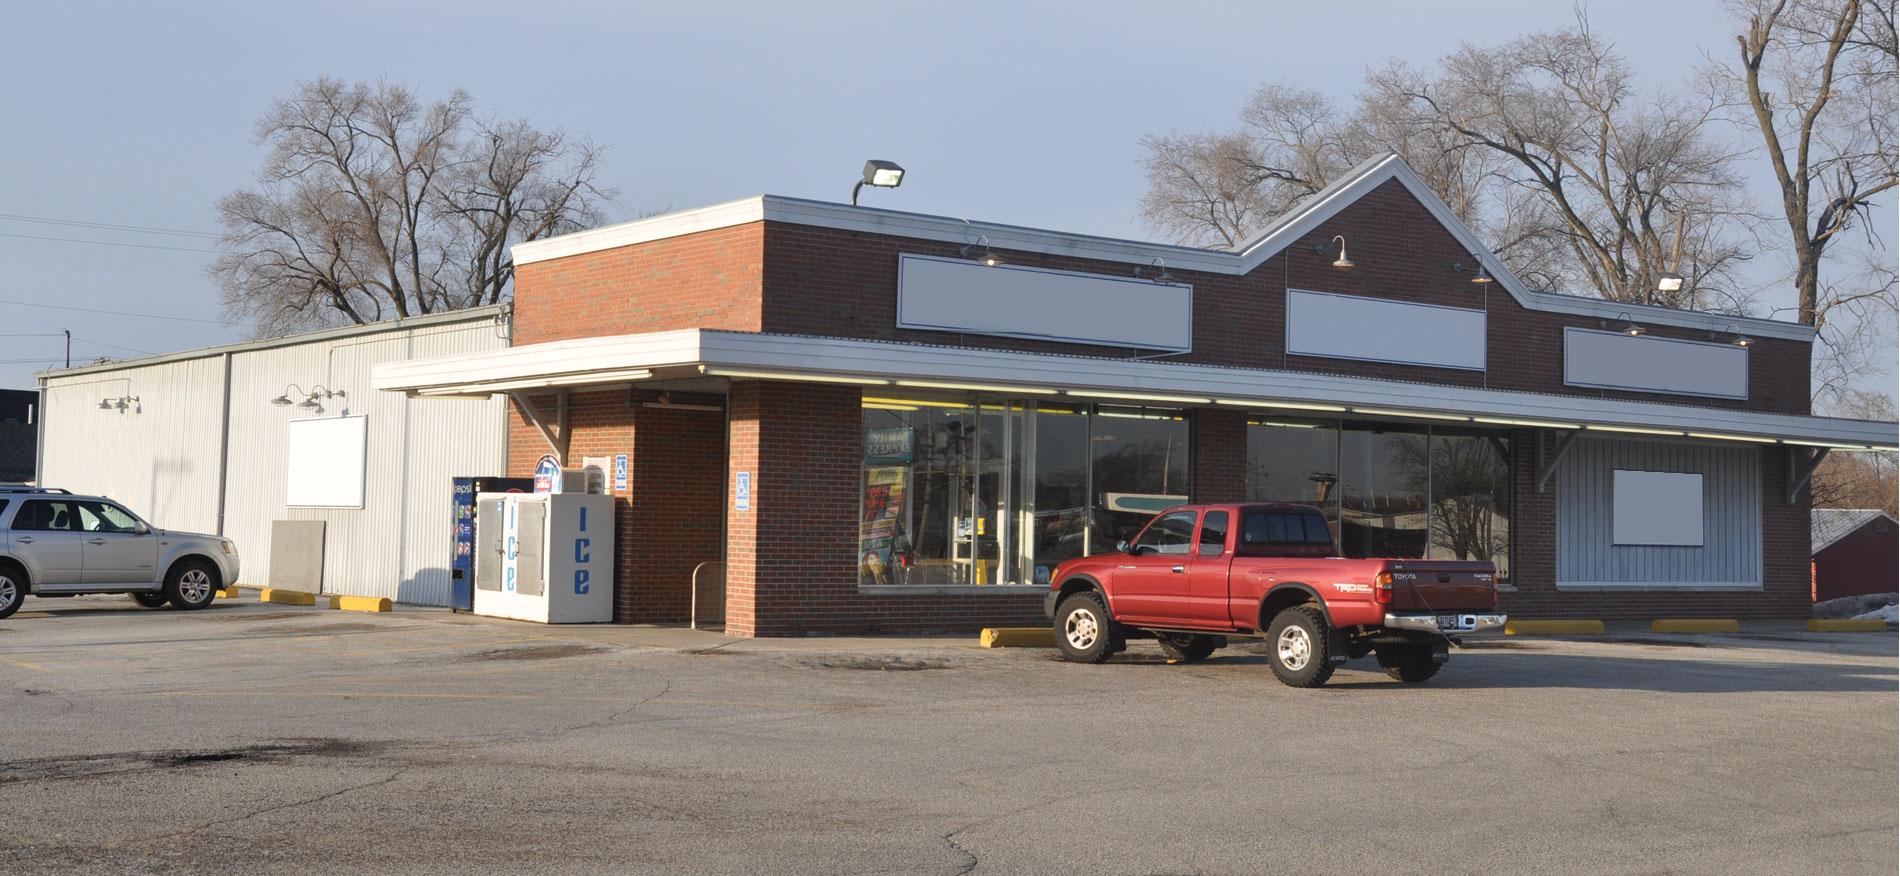 North Judson Indiana Restaurants